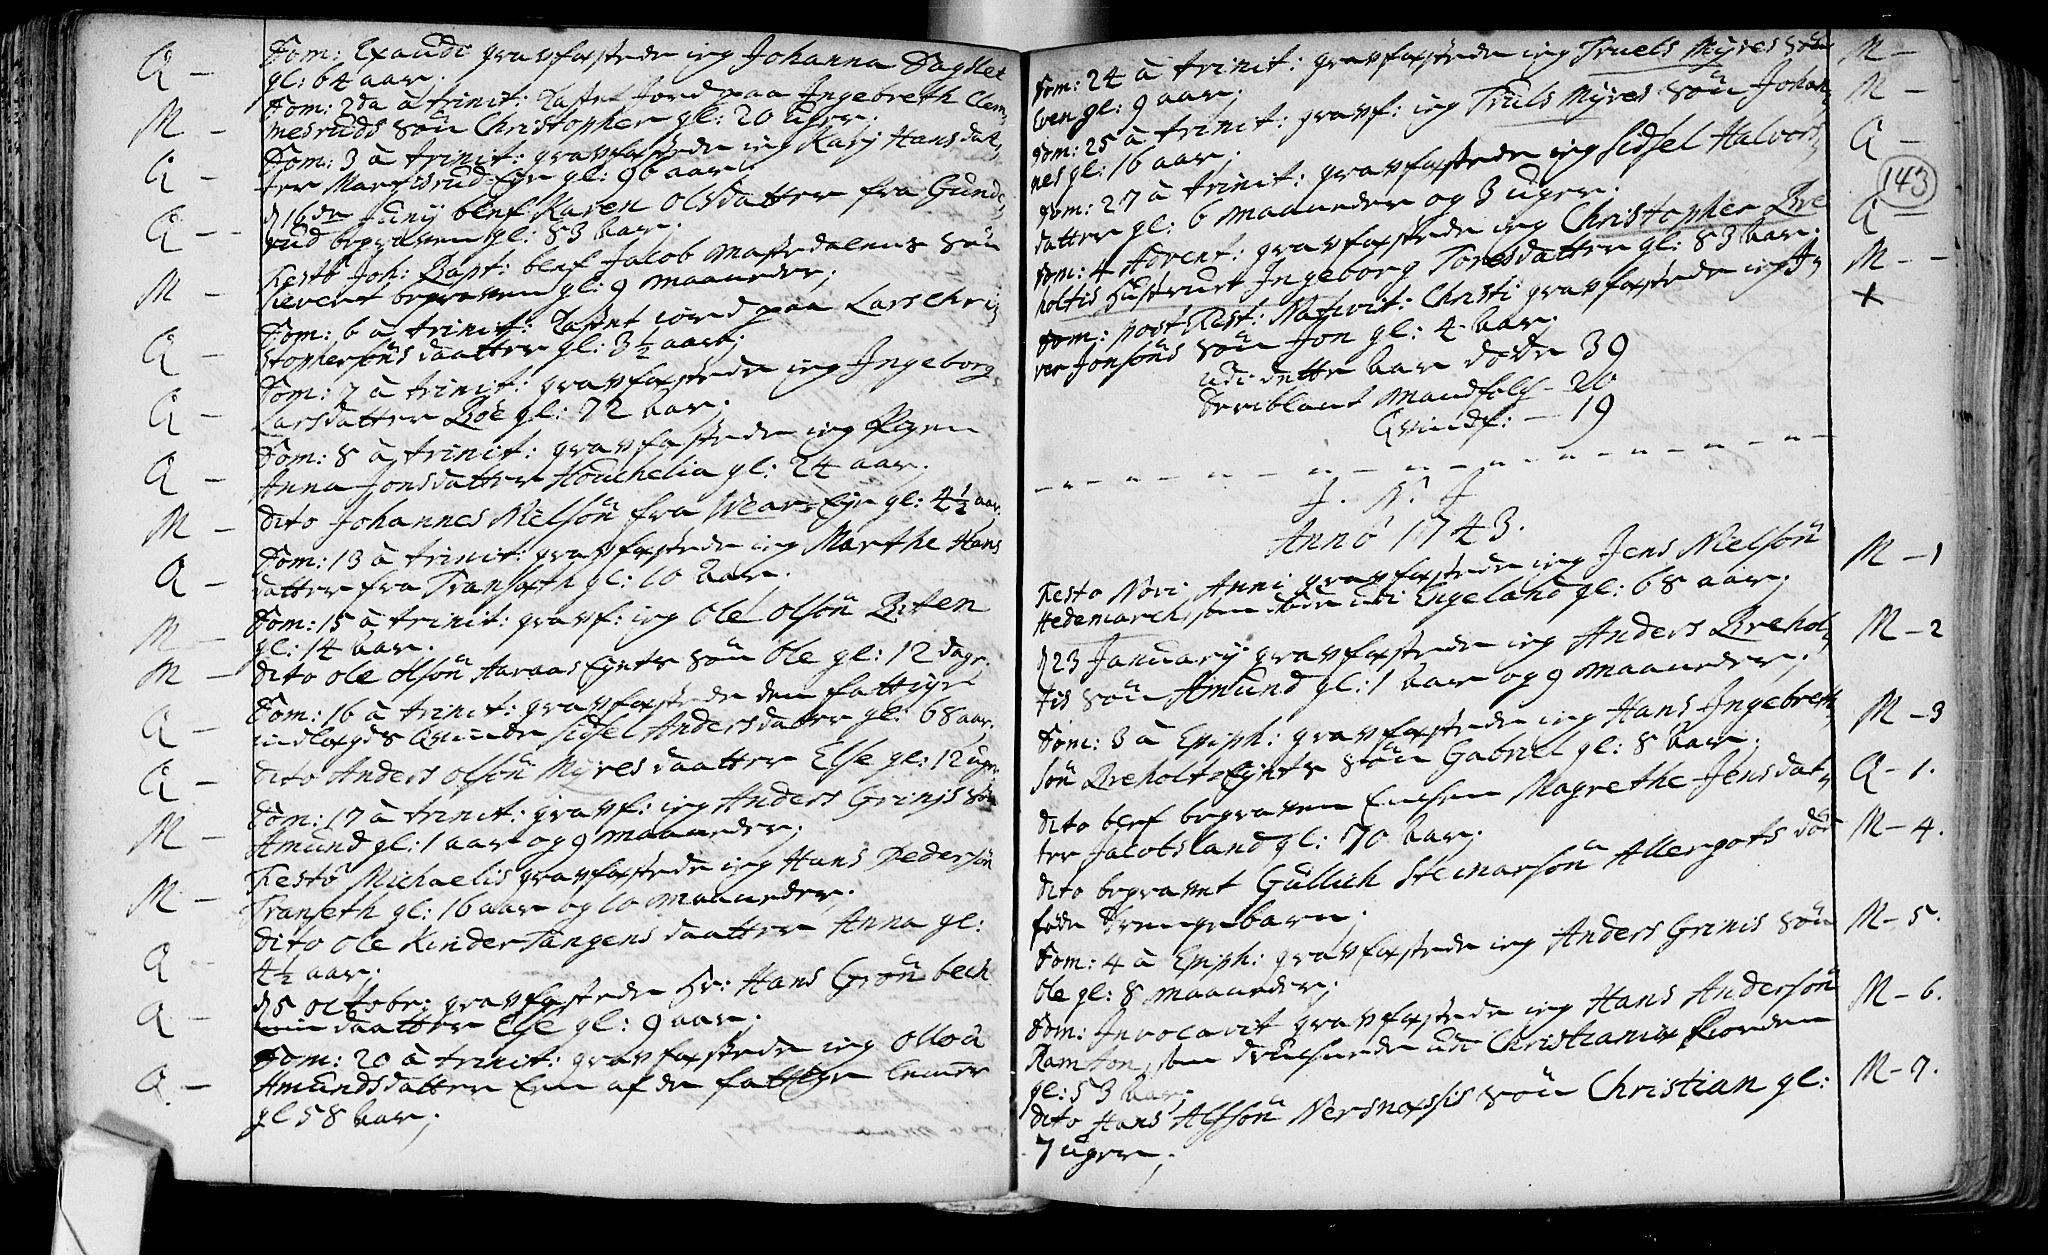 SAKO, Røyken kirkebøker, F/Fa/L0002: Ministerialbok nr. 2, 1731-1782, s. 143